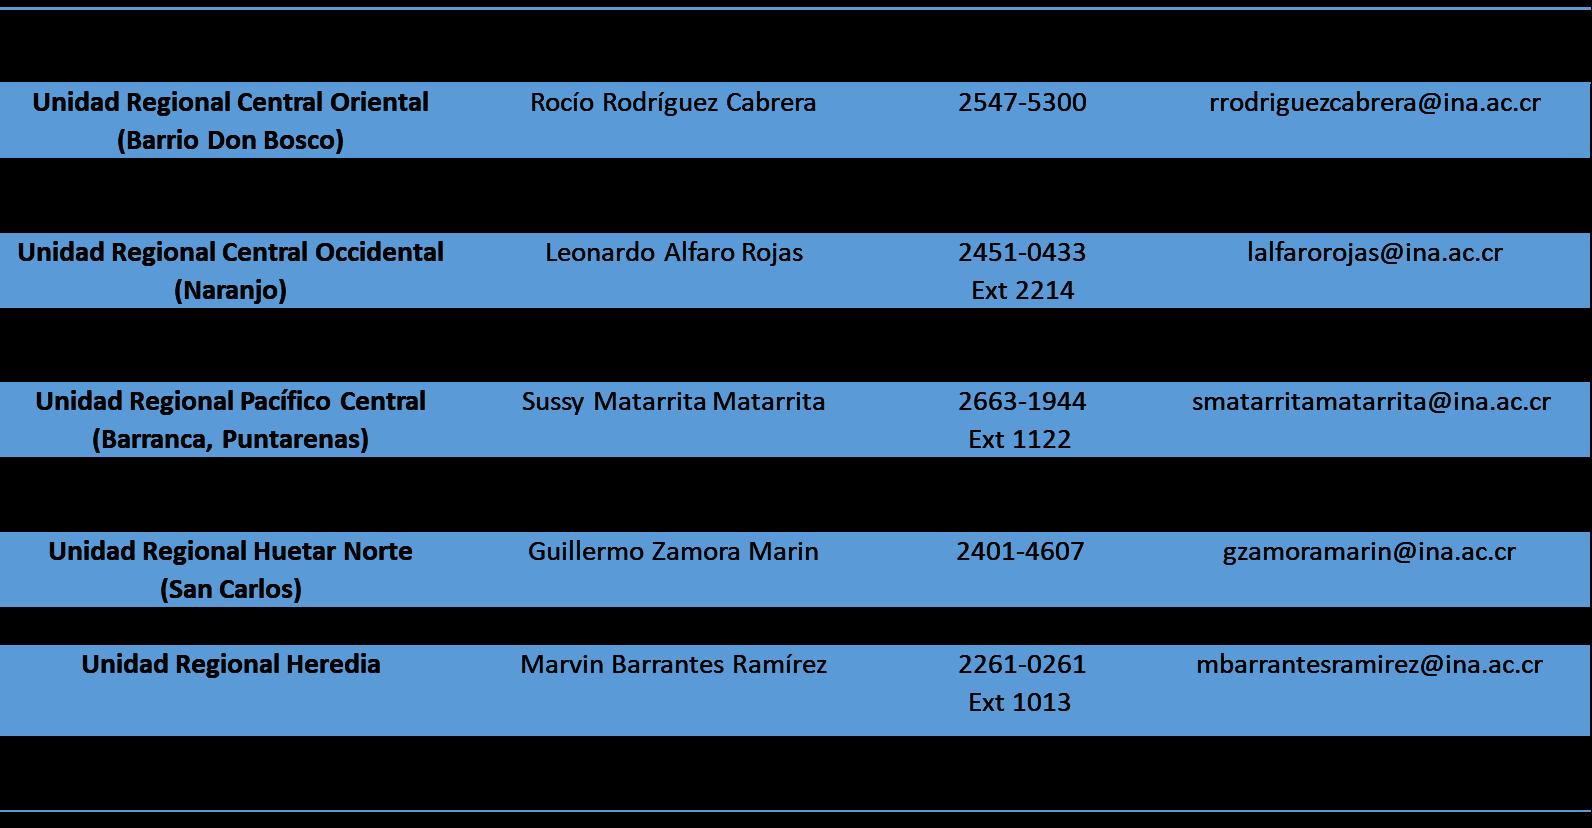 Información de las personas contactos